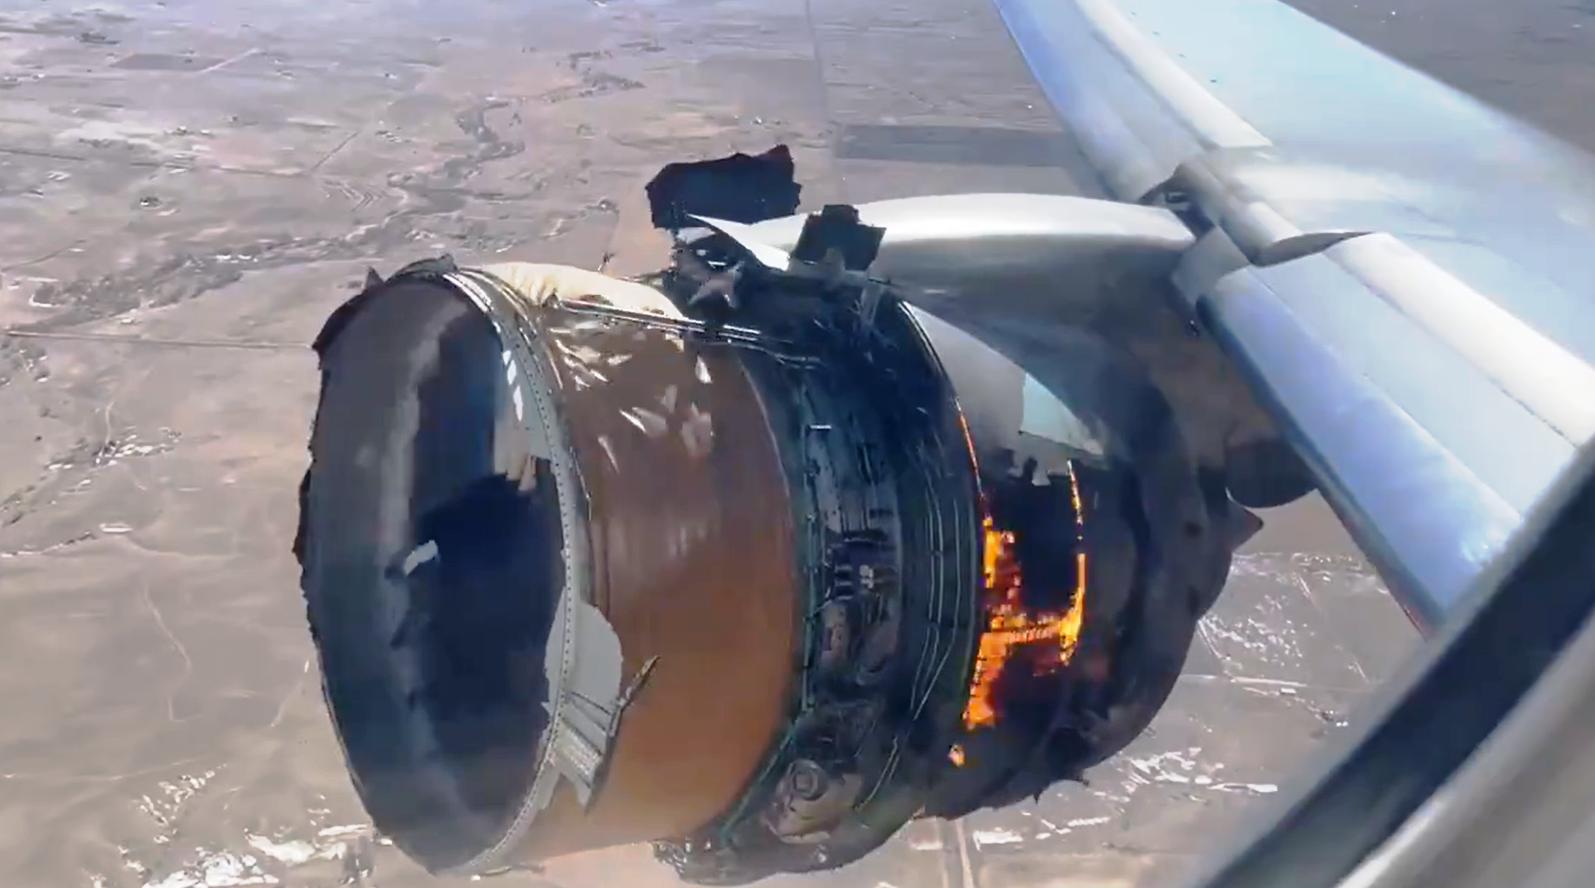 بعد حادث تعطل محرك طائرة بوينج 777.. طيار سعودي يوضح كيف يتصرف الطيار في هذة الحالة؟